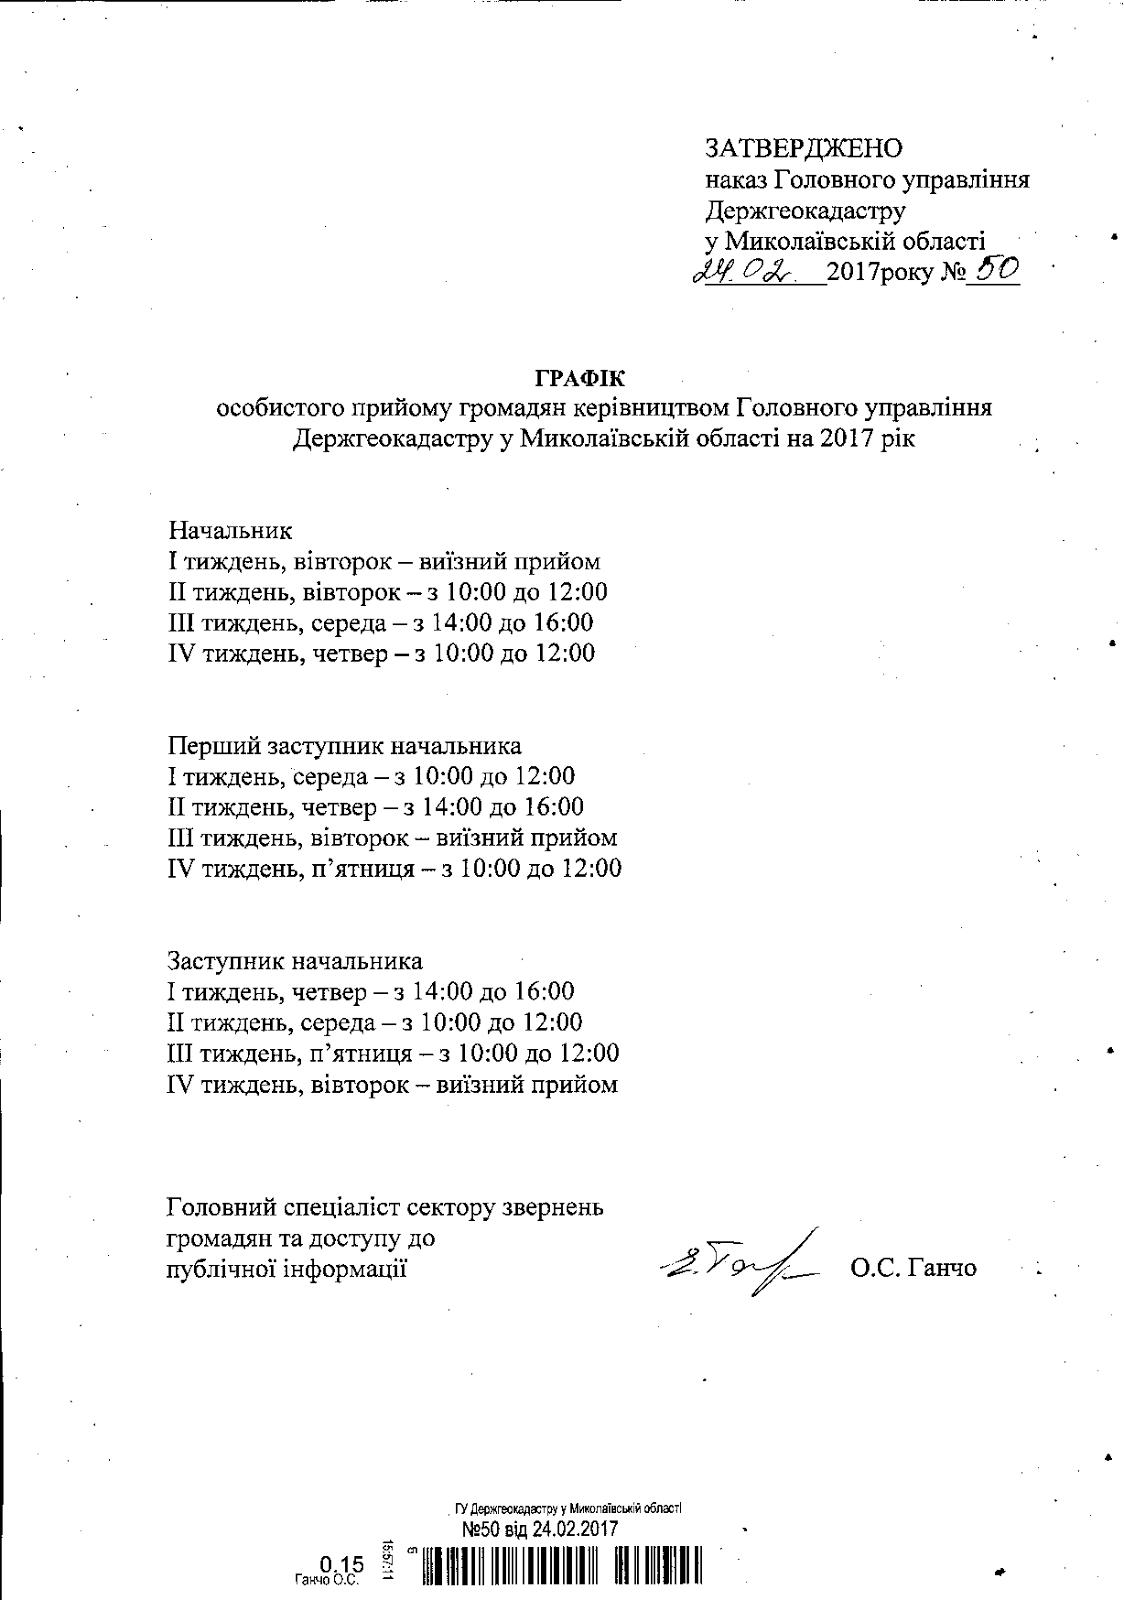 Графік особистого прийому громадян керівництвом Головного управління Держгеокадастру у Миколаївській області на 2017 рік